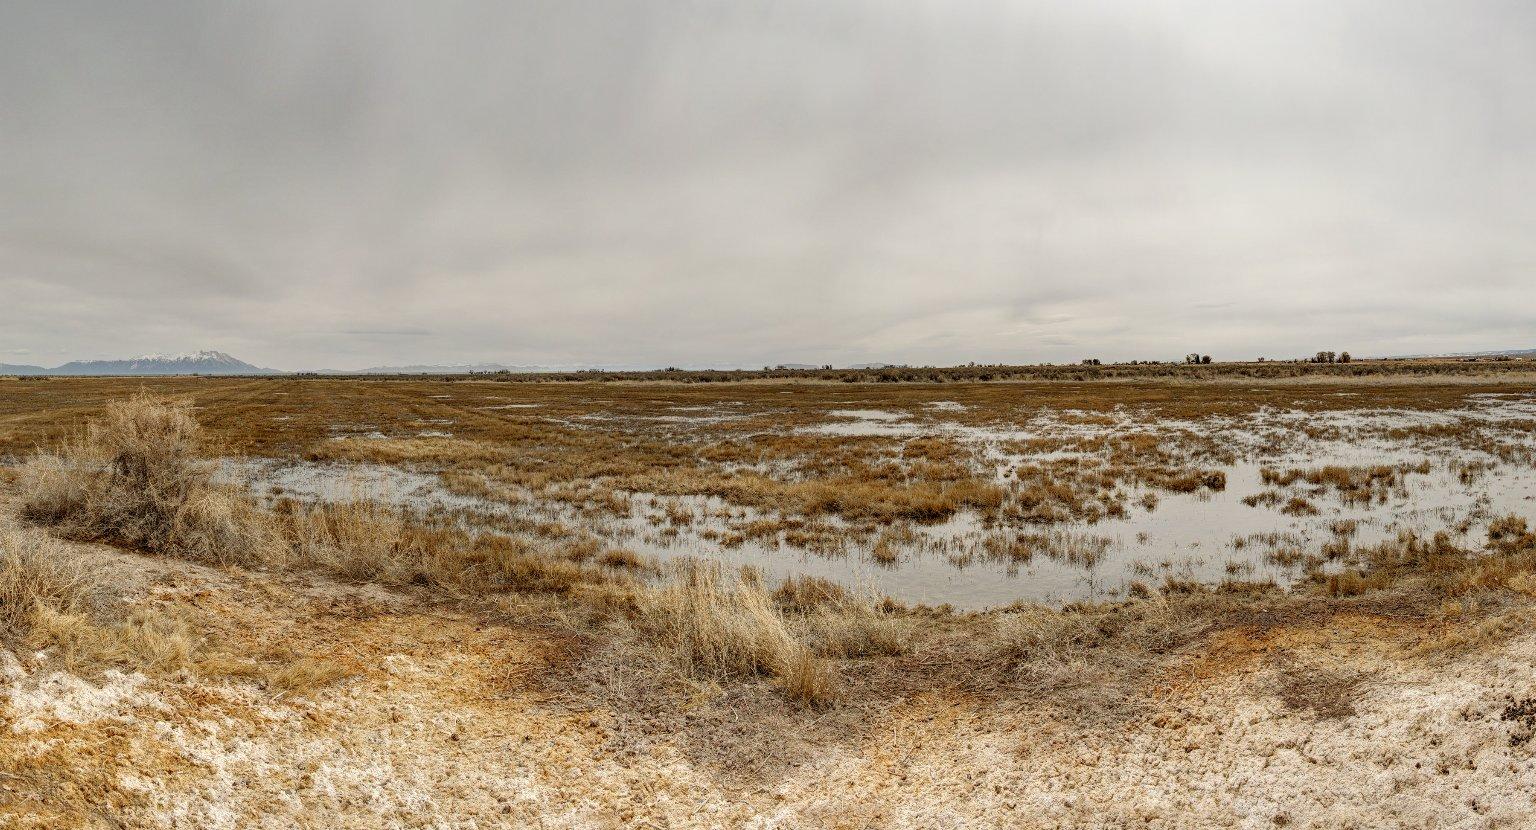 Field Location for the Sandhill Crane Diorama.